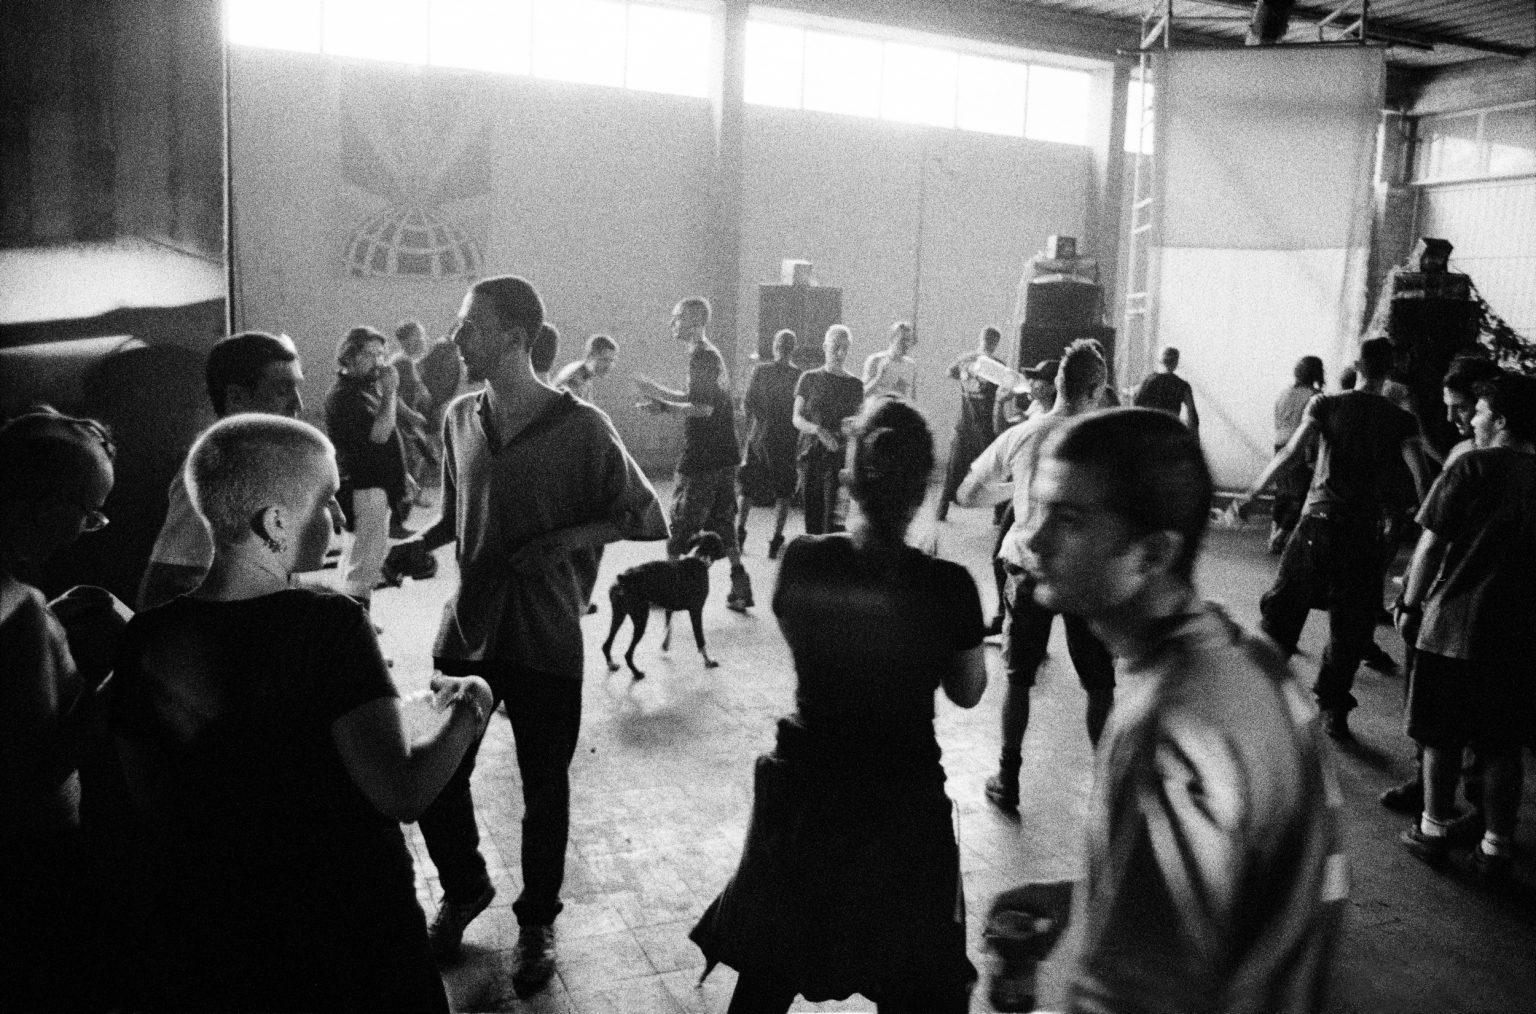 Bologna, 1997 - Summer rave party in an abandoned factory in Via Mazzini. This emilian city has always been on the foreground of the italian underground scene, since the punk invasion of the late 70s. >< Bologna, 1997 - Rave party estivo in una fabbrica abbandonata in Via Mazzini. La città emiliana è sempre stata in primo piano nella scena underground italiana, sin dall'invasione punk di fine anni '70.